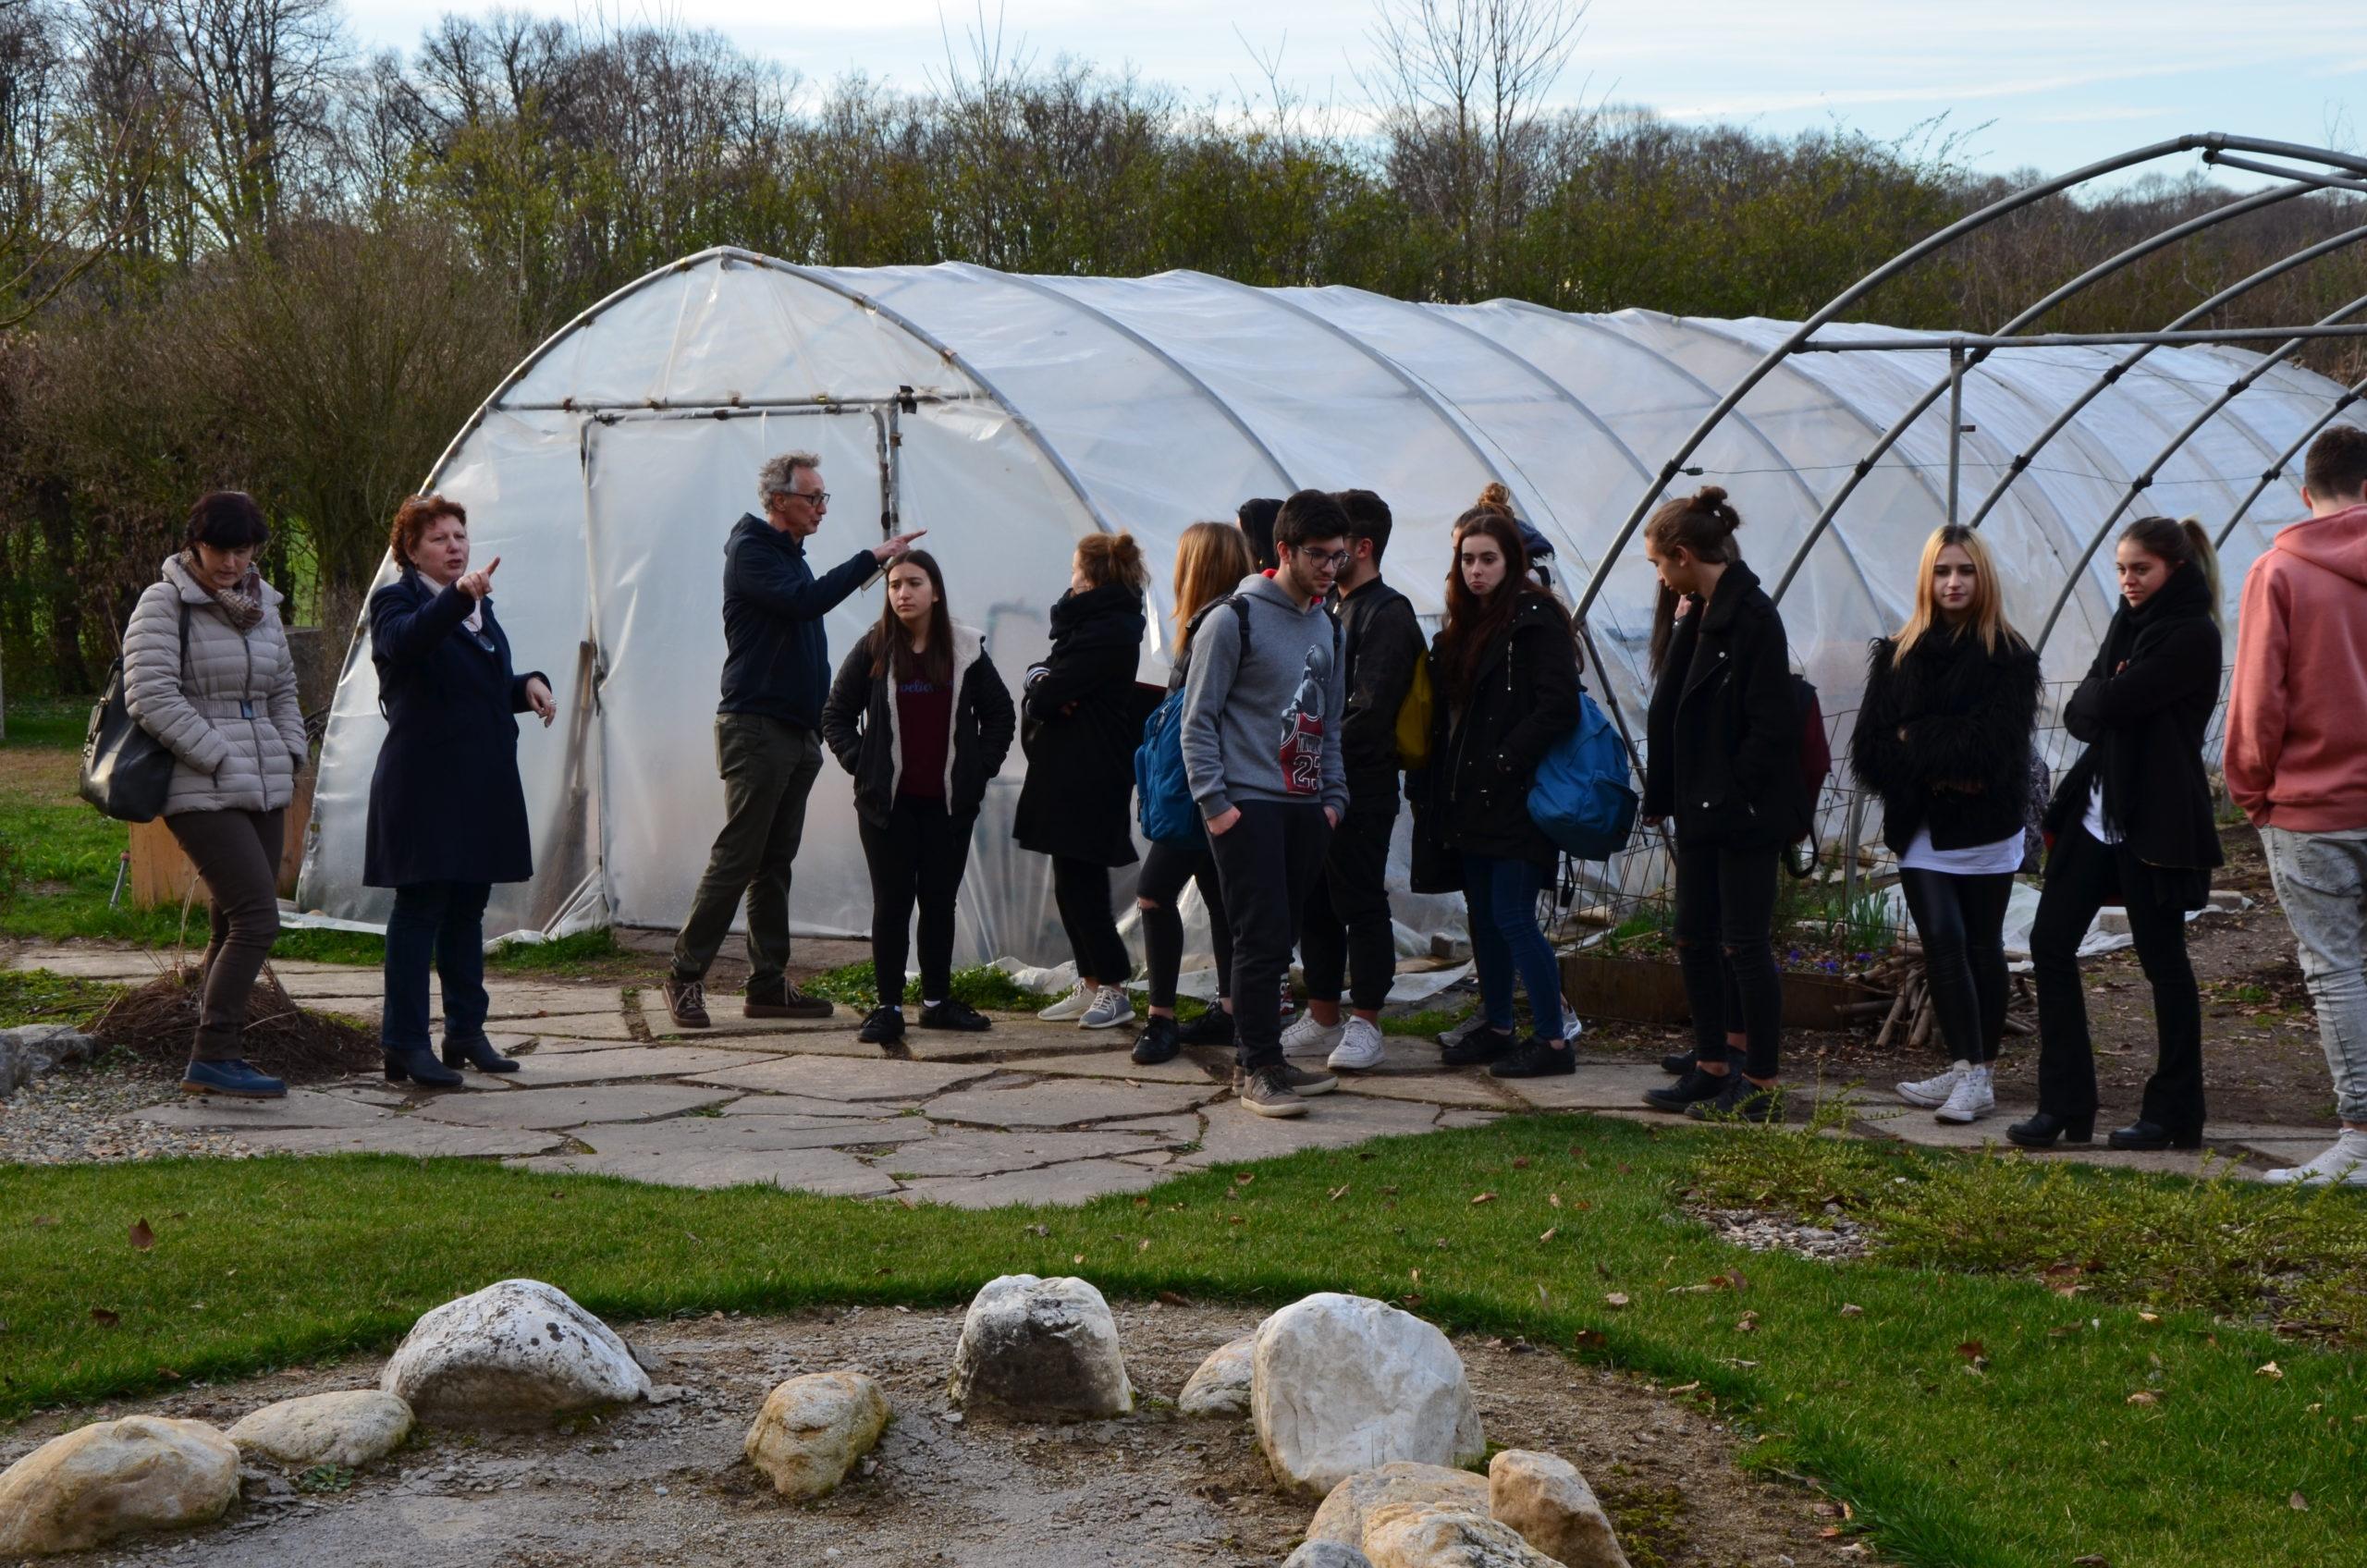 Studenti del Liceo Modigliani in visita presso la Cascina Frutteto di Monza